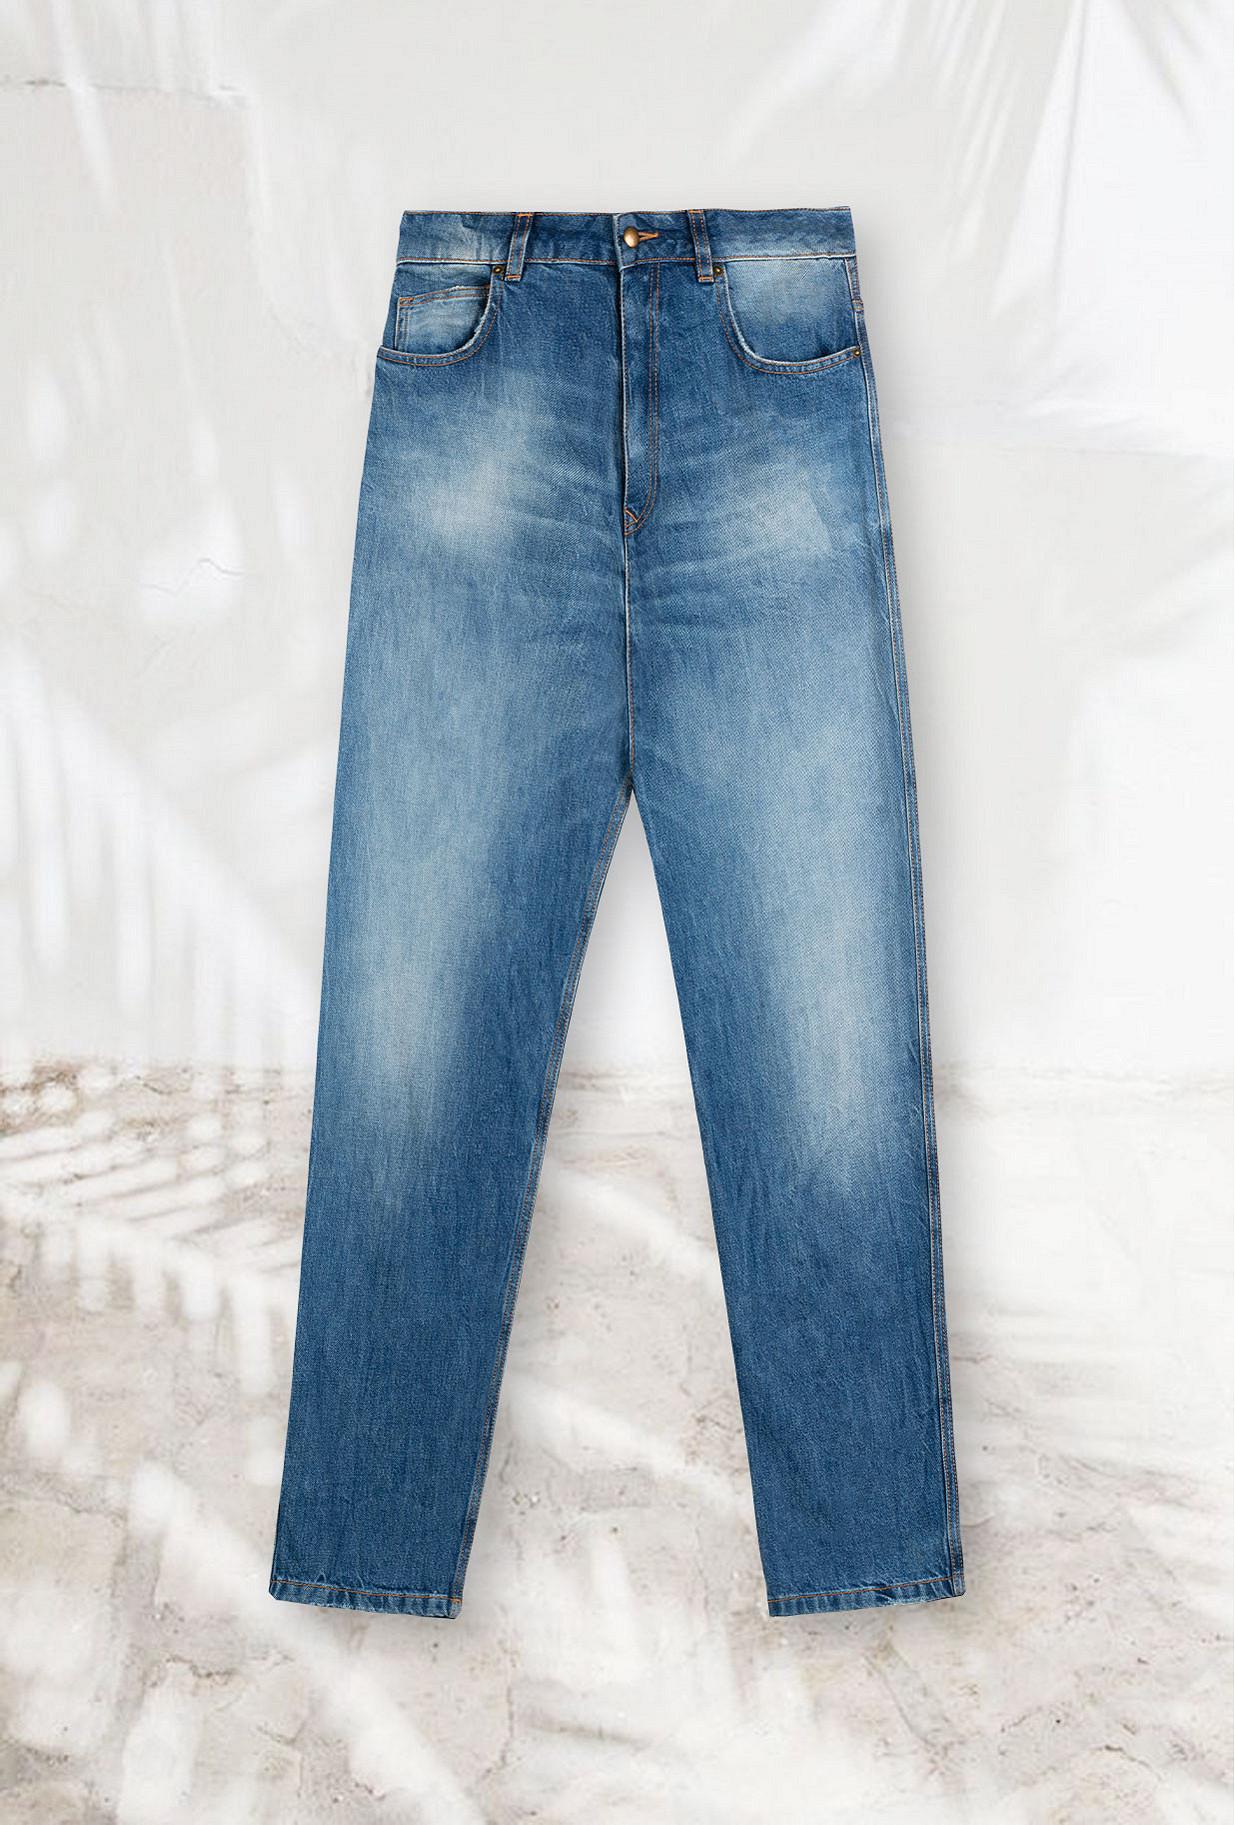 Jeans Mc Queen Mes Demoiselles color Denim